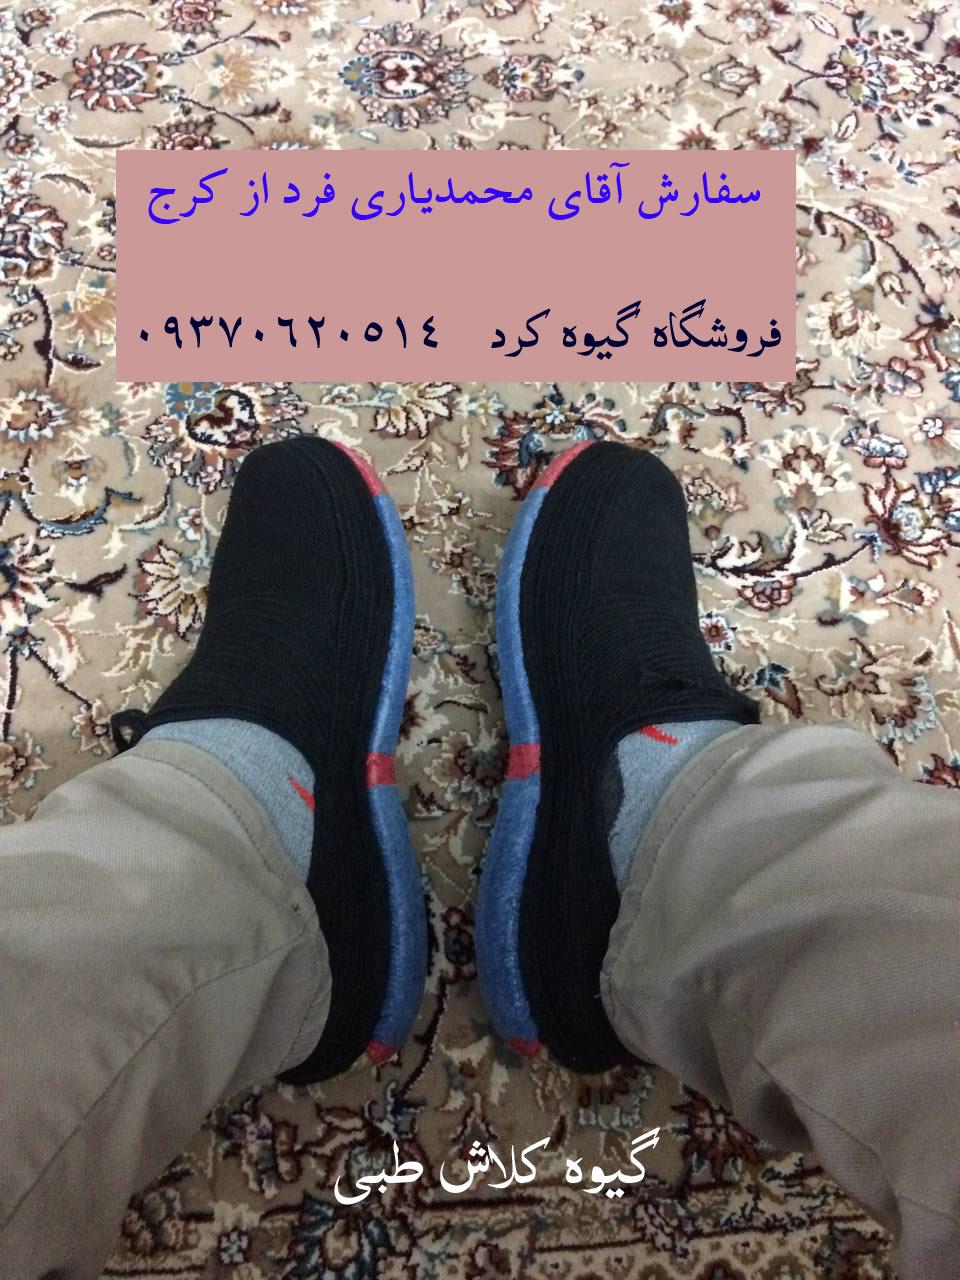 گیوه کلاش طبی مشکی سفارش آقای محمدیاری فرد از کرج